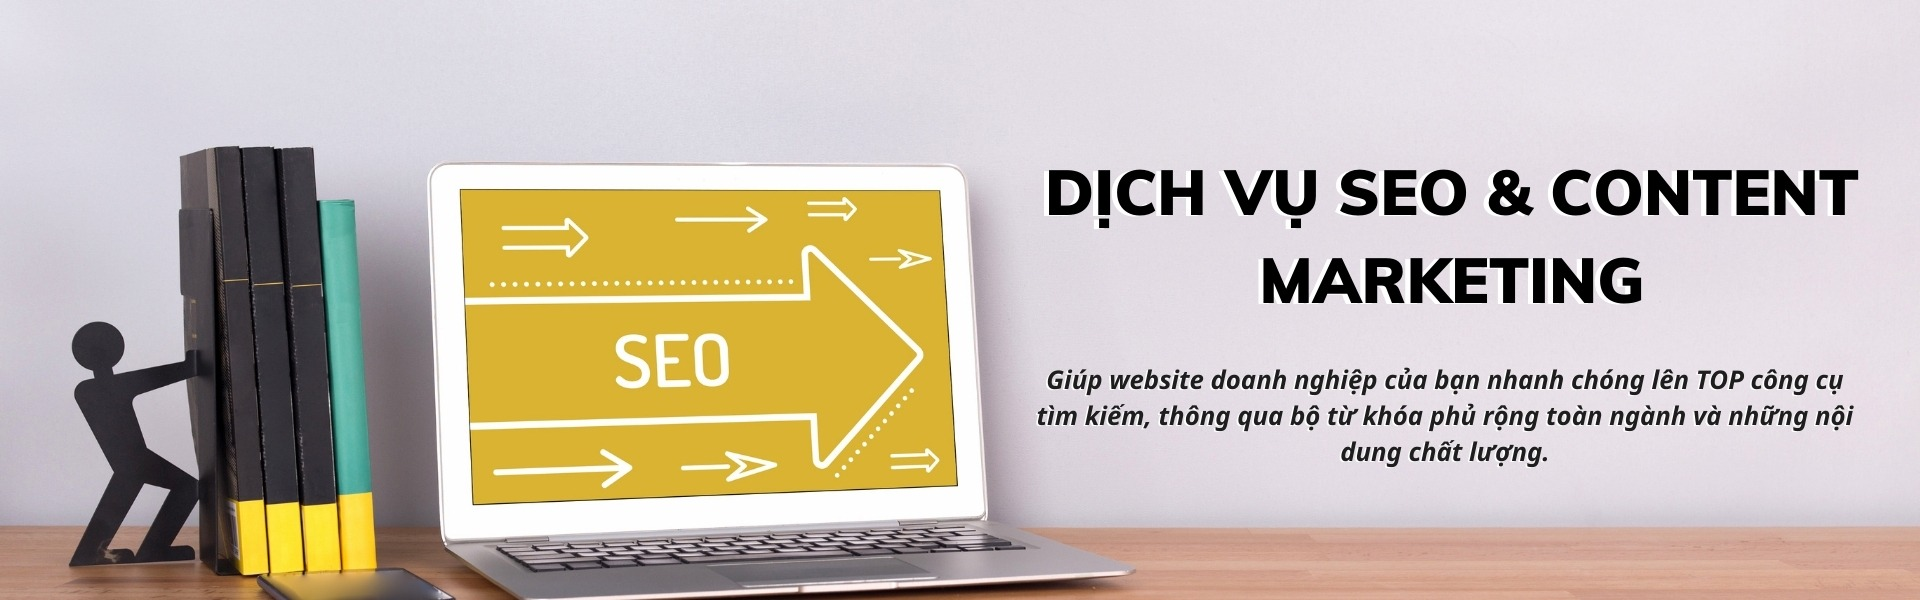 dich-vu-seo-conten-marketing